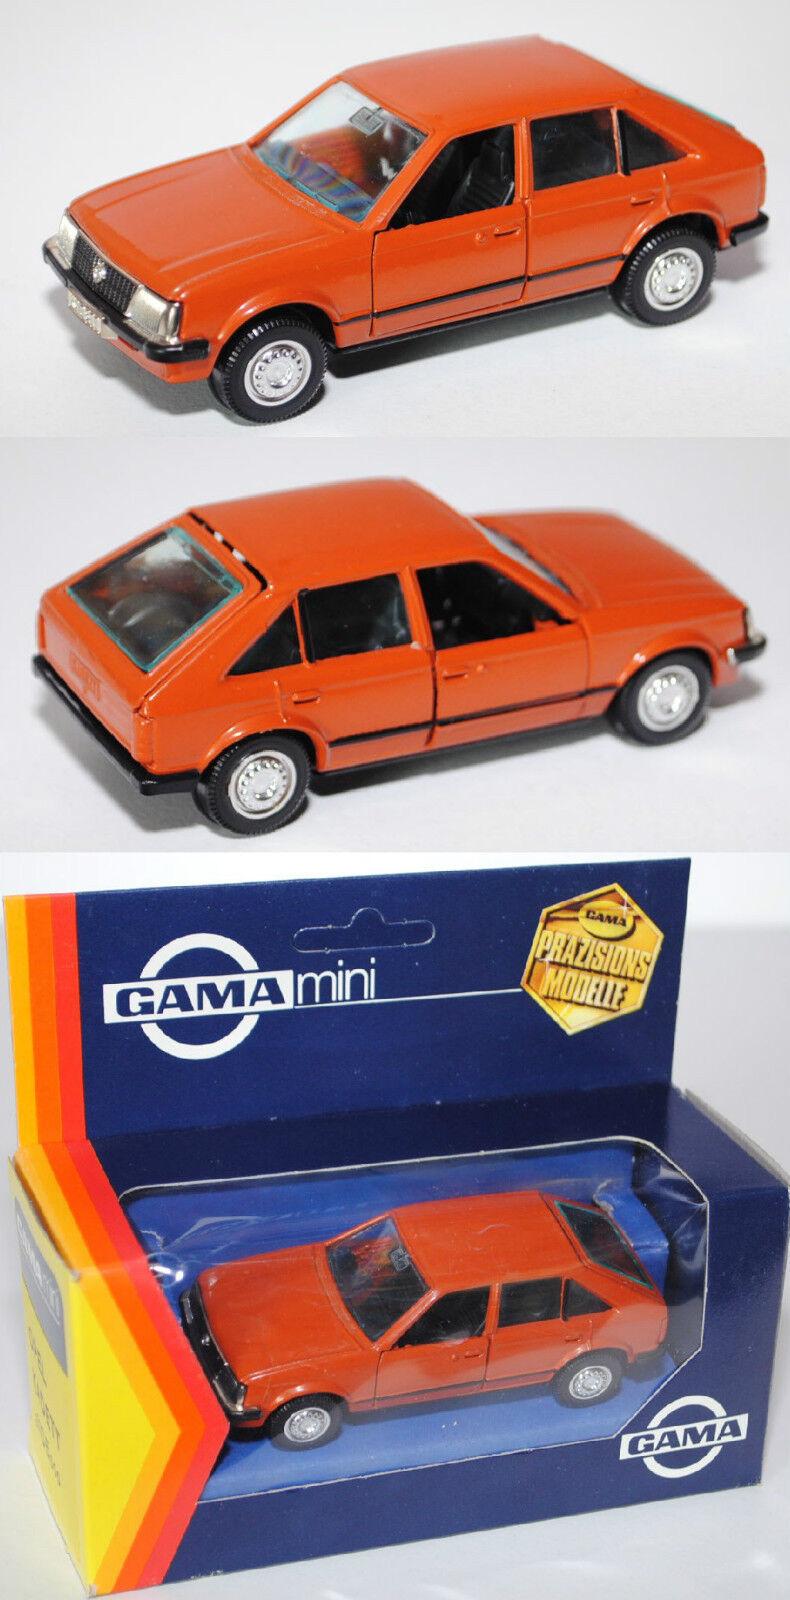 Gama Mini 1105 Opel Kadett 1.3 S TYPE D, Fünftürer, Hayon Arrière Modèle 1979-1984 1 43